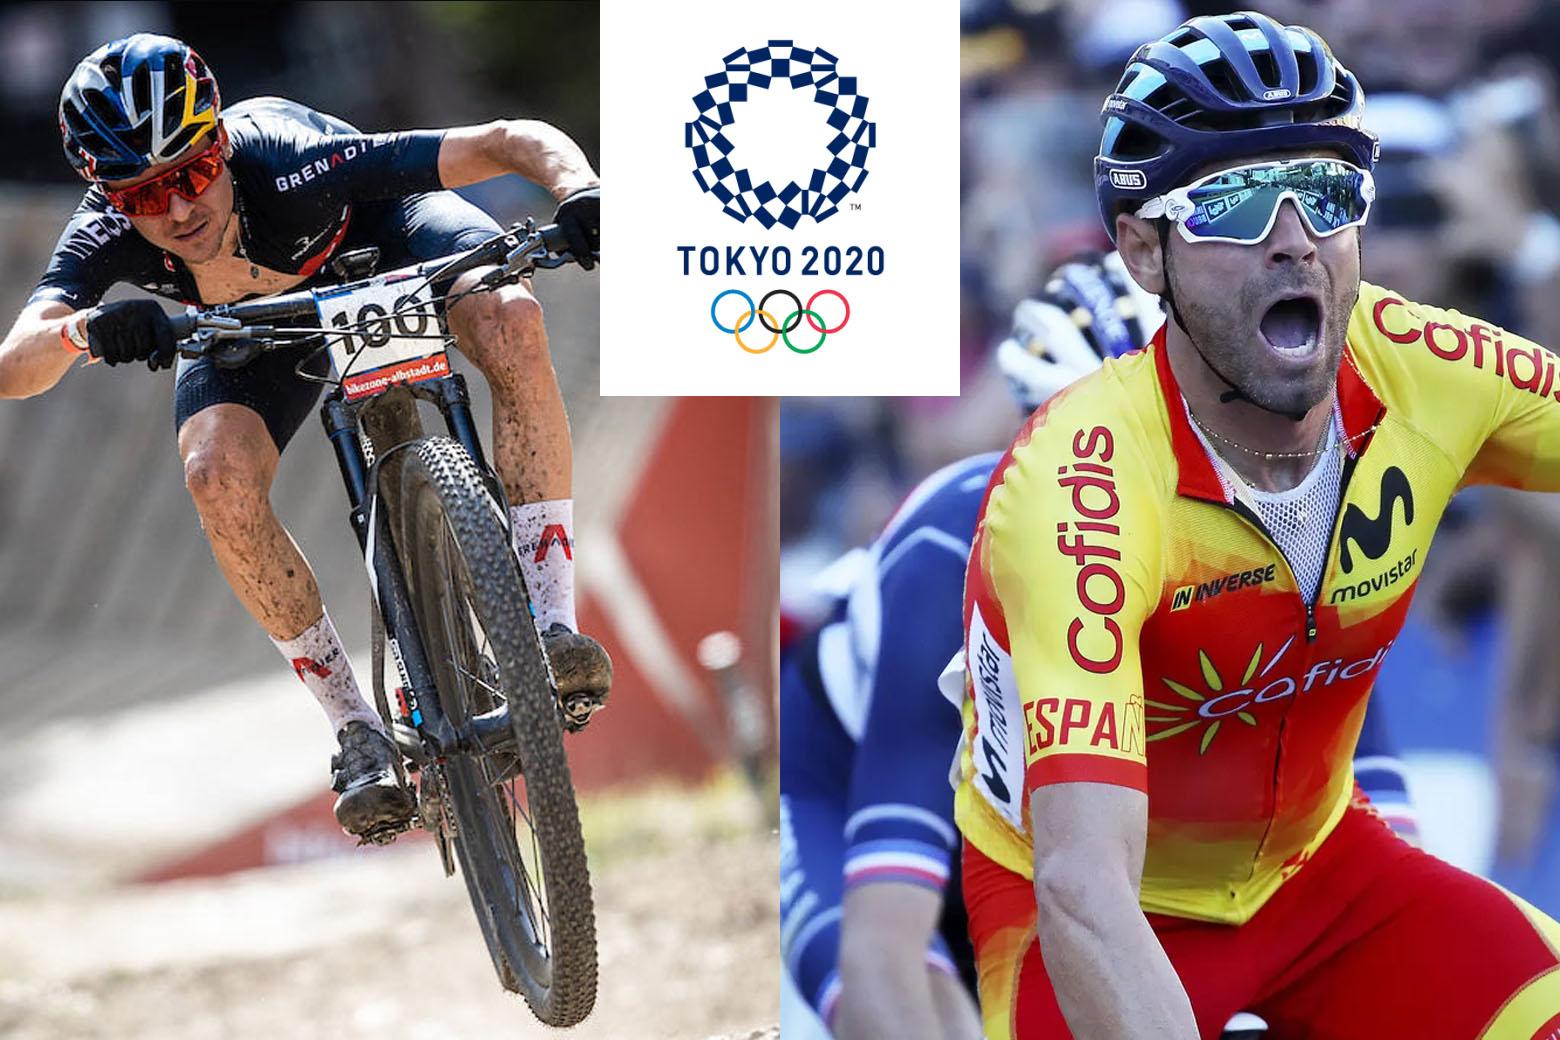 ciclismo y mtb juegos olimpicos tokyo 2020